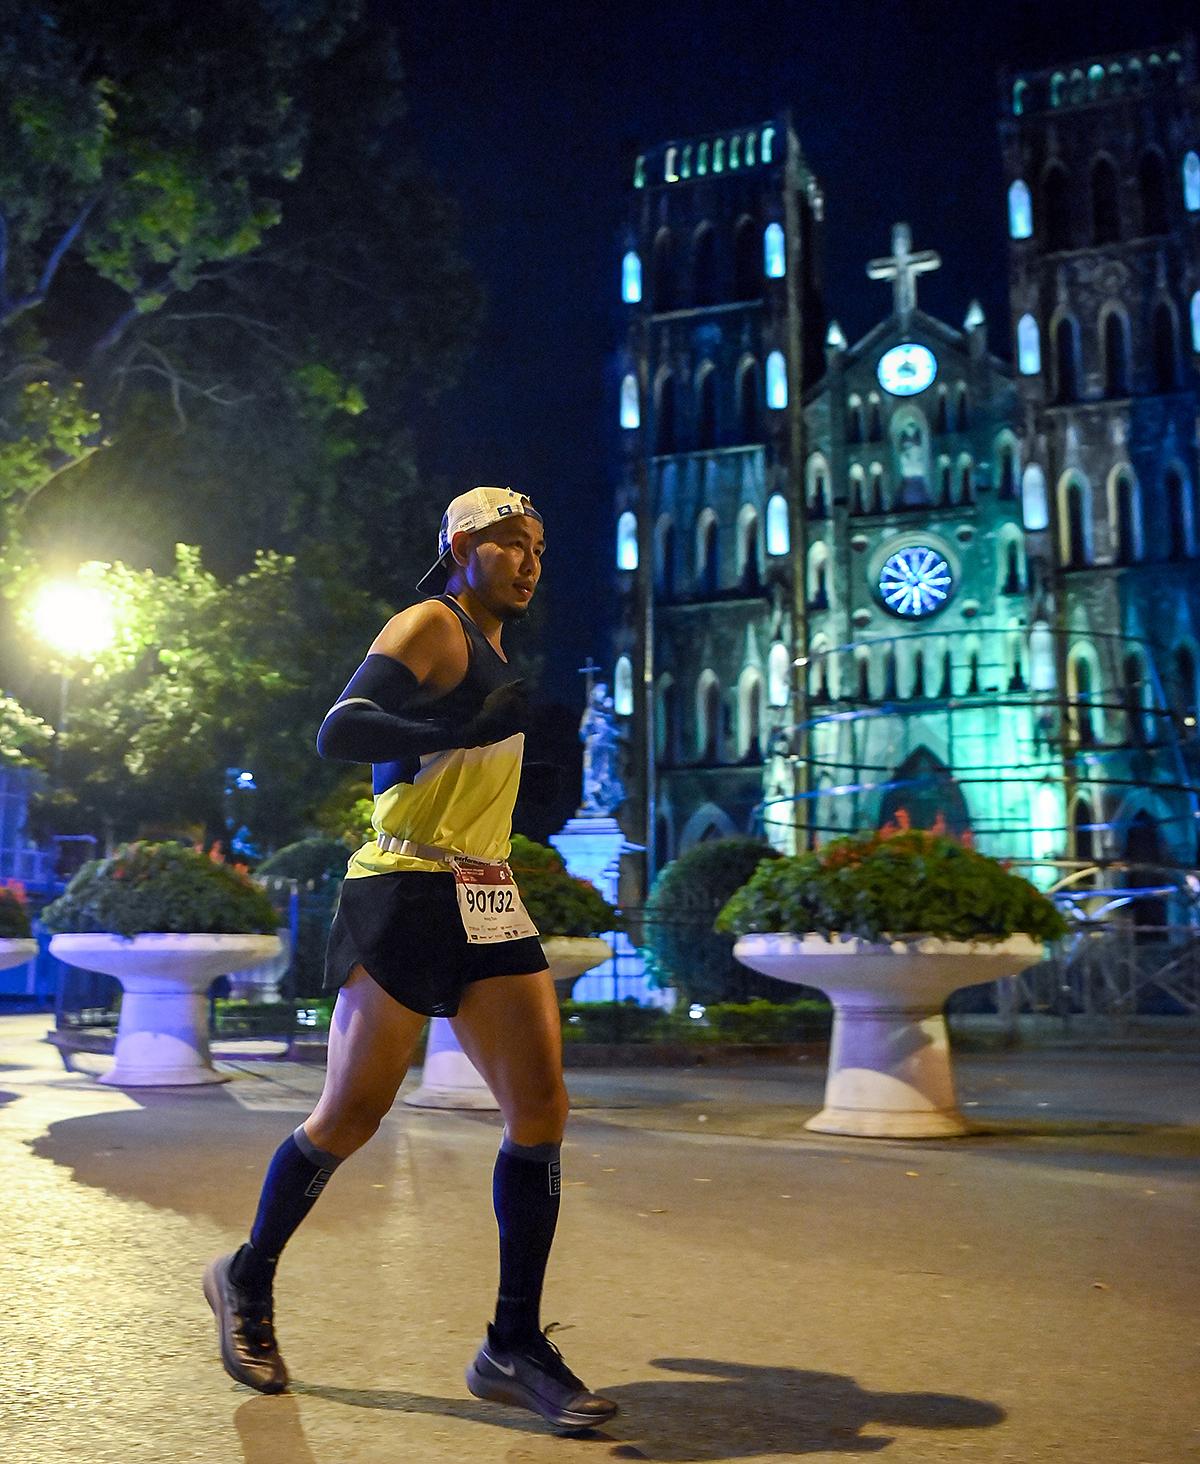 Vận động viên chạy đêm qua Nhà thờ Hà Nội. Ảnh: Hữu Khoa.